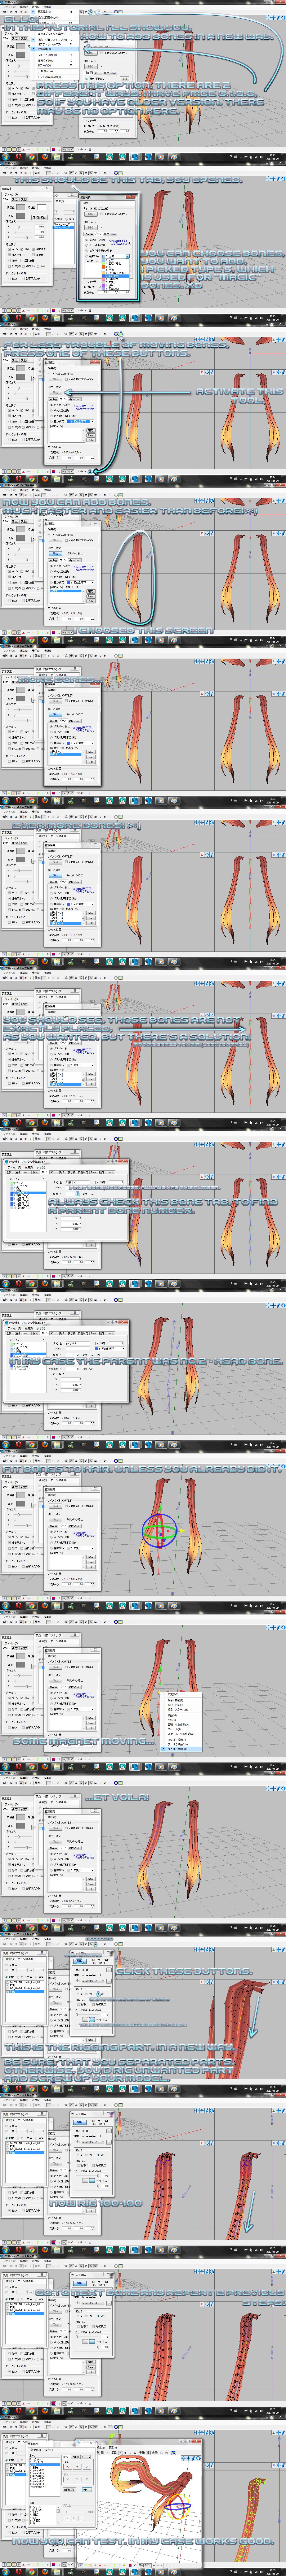 PMDe Tut: Adding bones - new way